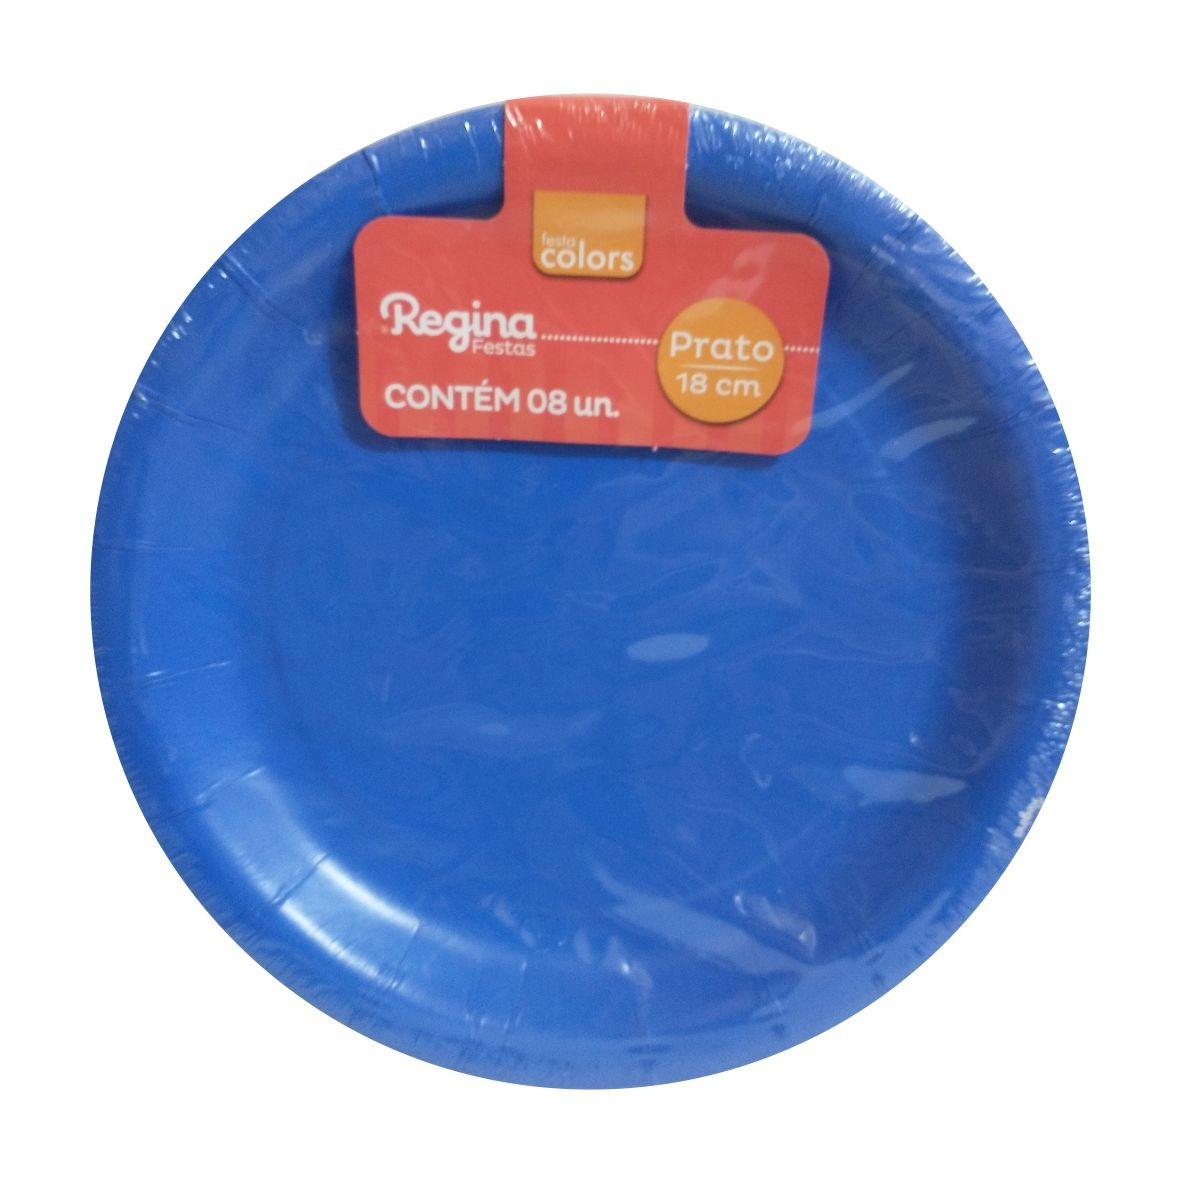 Prato de Papel Azul 18 cm com 8 unidades - Regina Festas